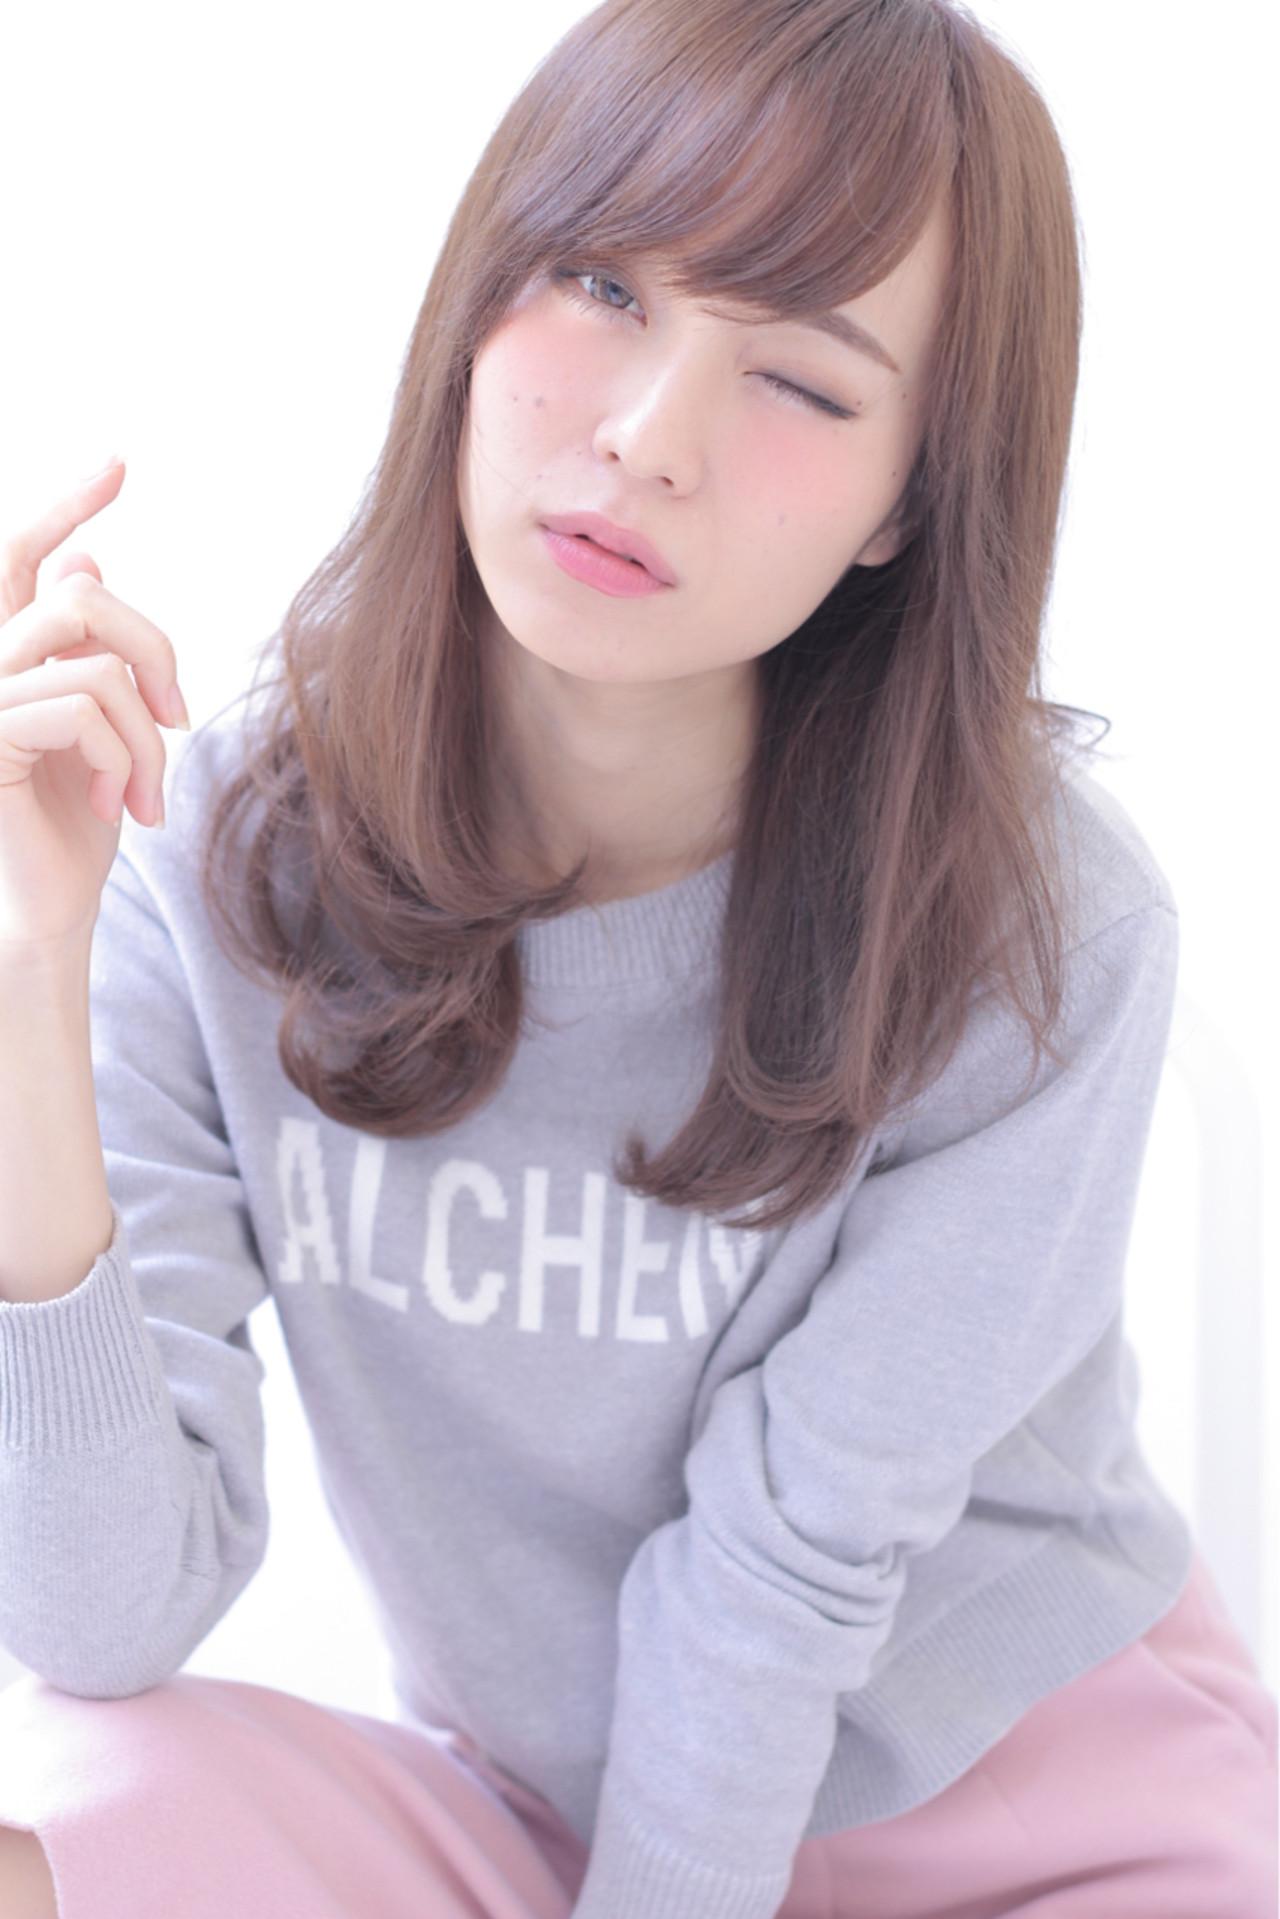 ナチュラル アッシュ ゆるふわ 前髪あり ヘアスタイルや髪型の写真・画像 | 石田 学史 / DISHEL